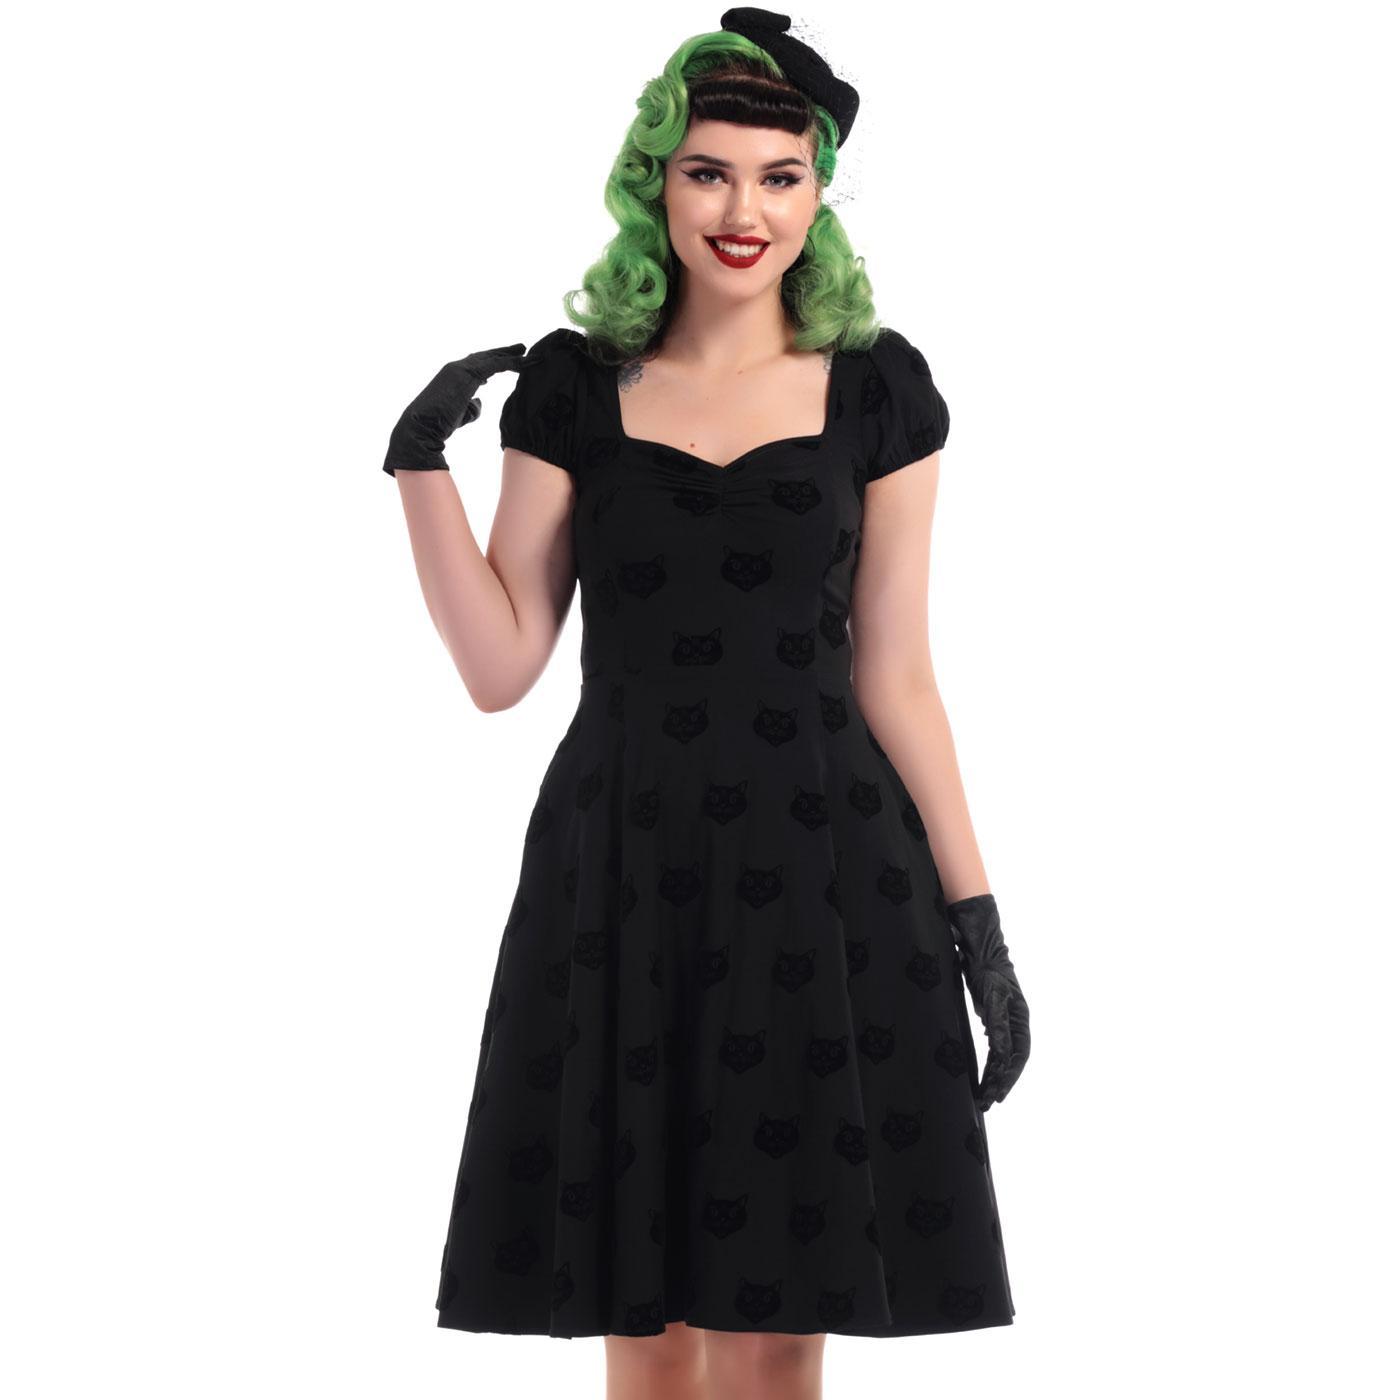 Mimi COLLECTIF Retro 50s Black Velvet Swing Dress